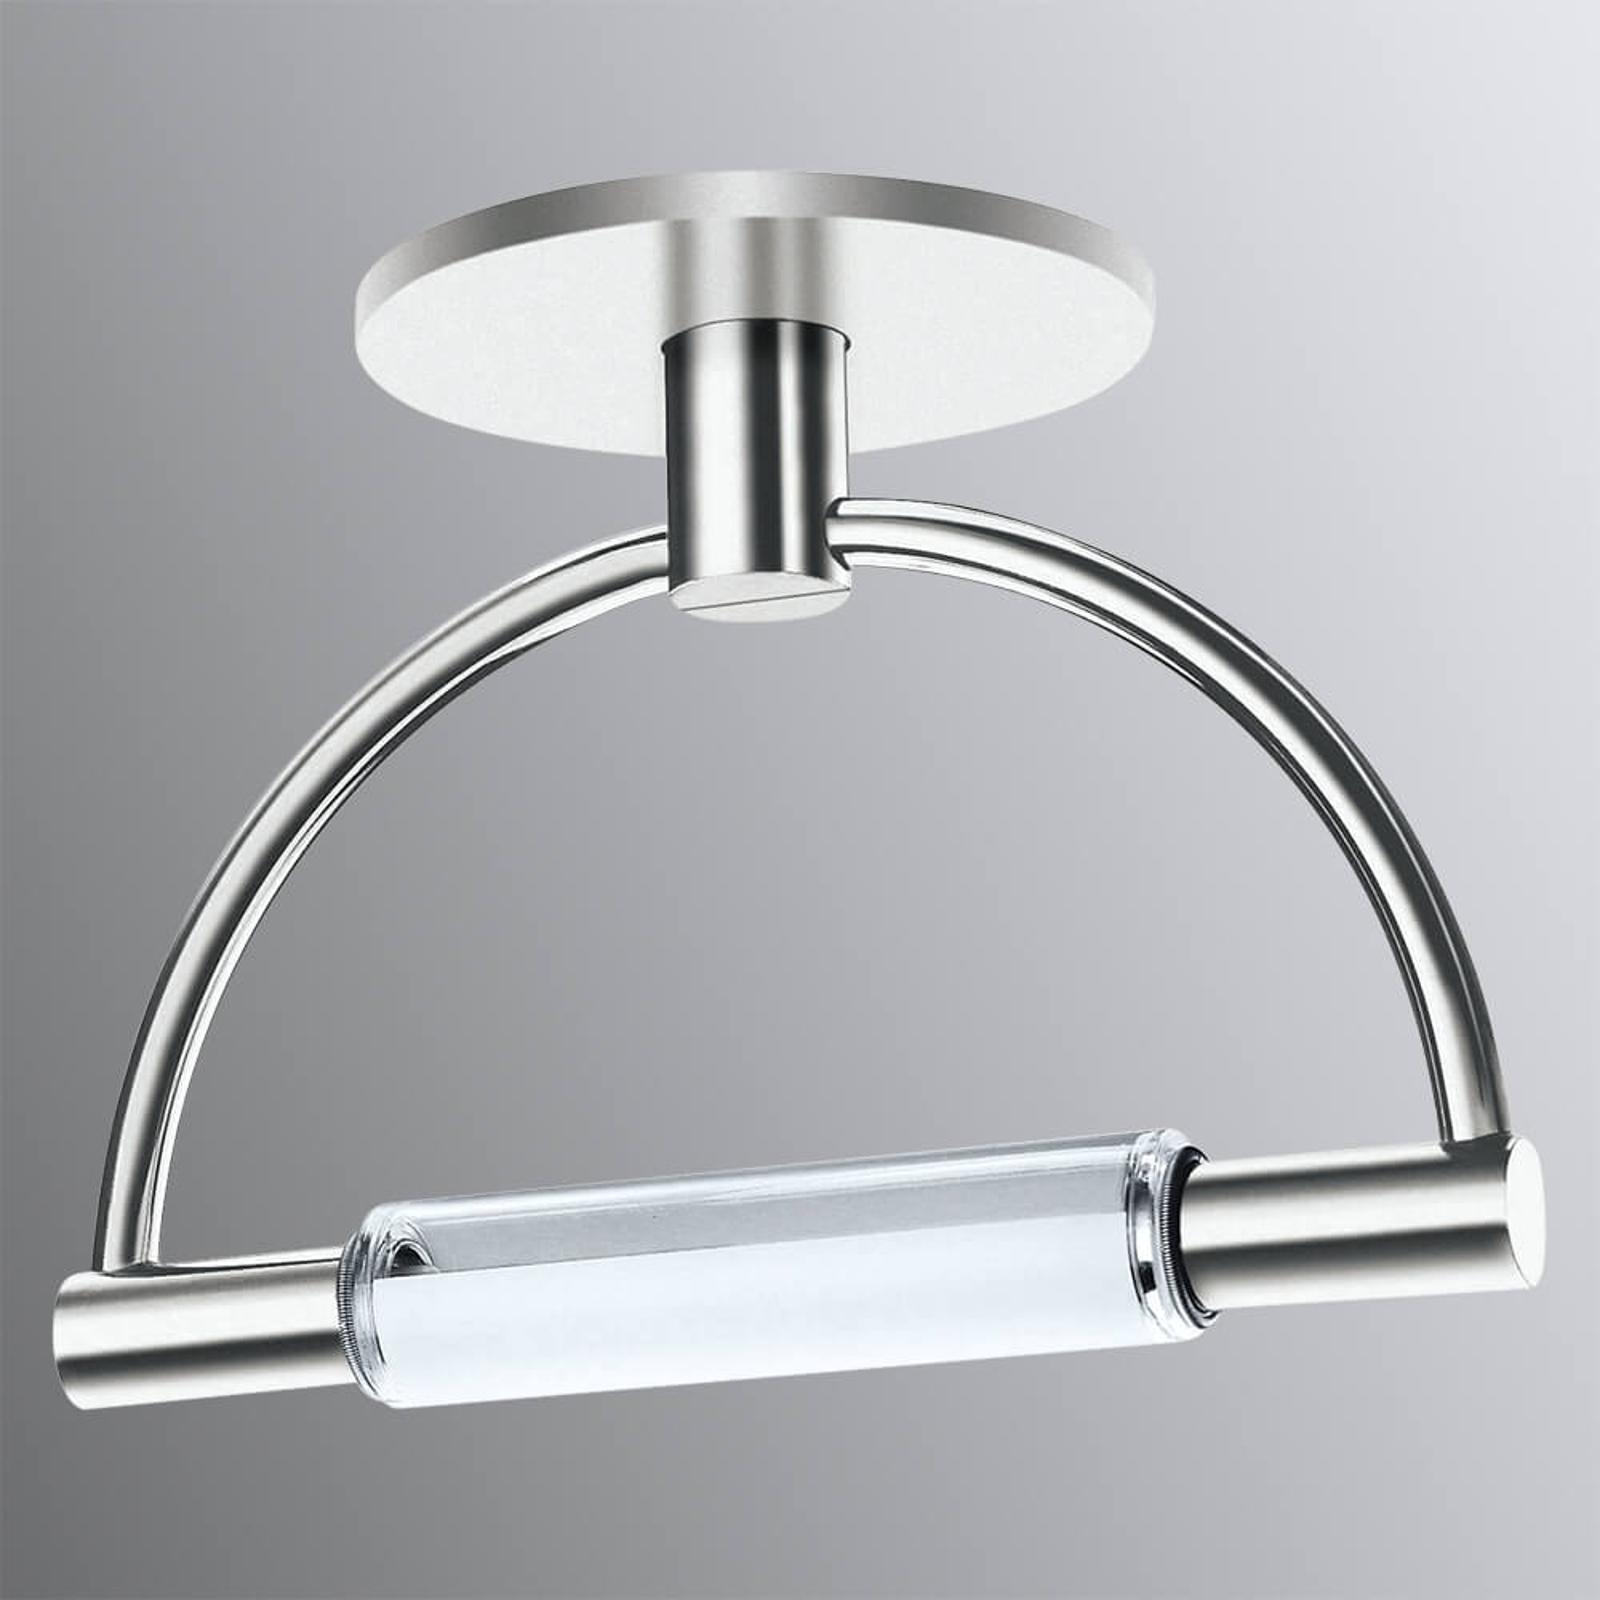 Ultranowoczesna lampa sufitowa LED Gradi z osłoną